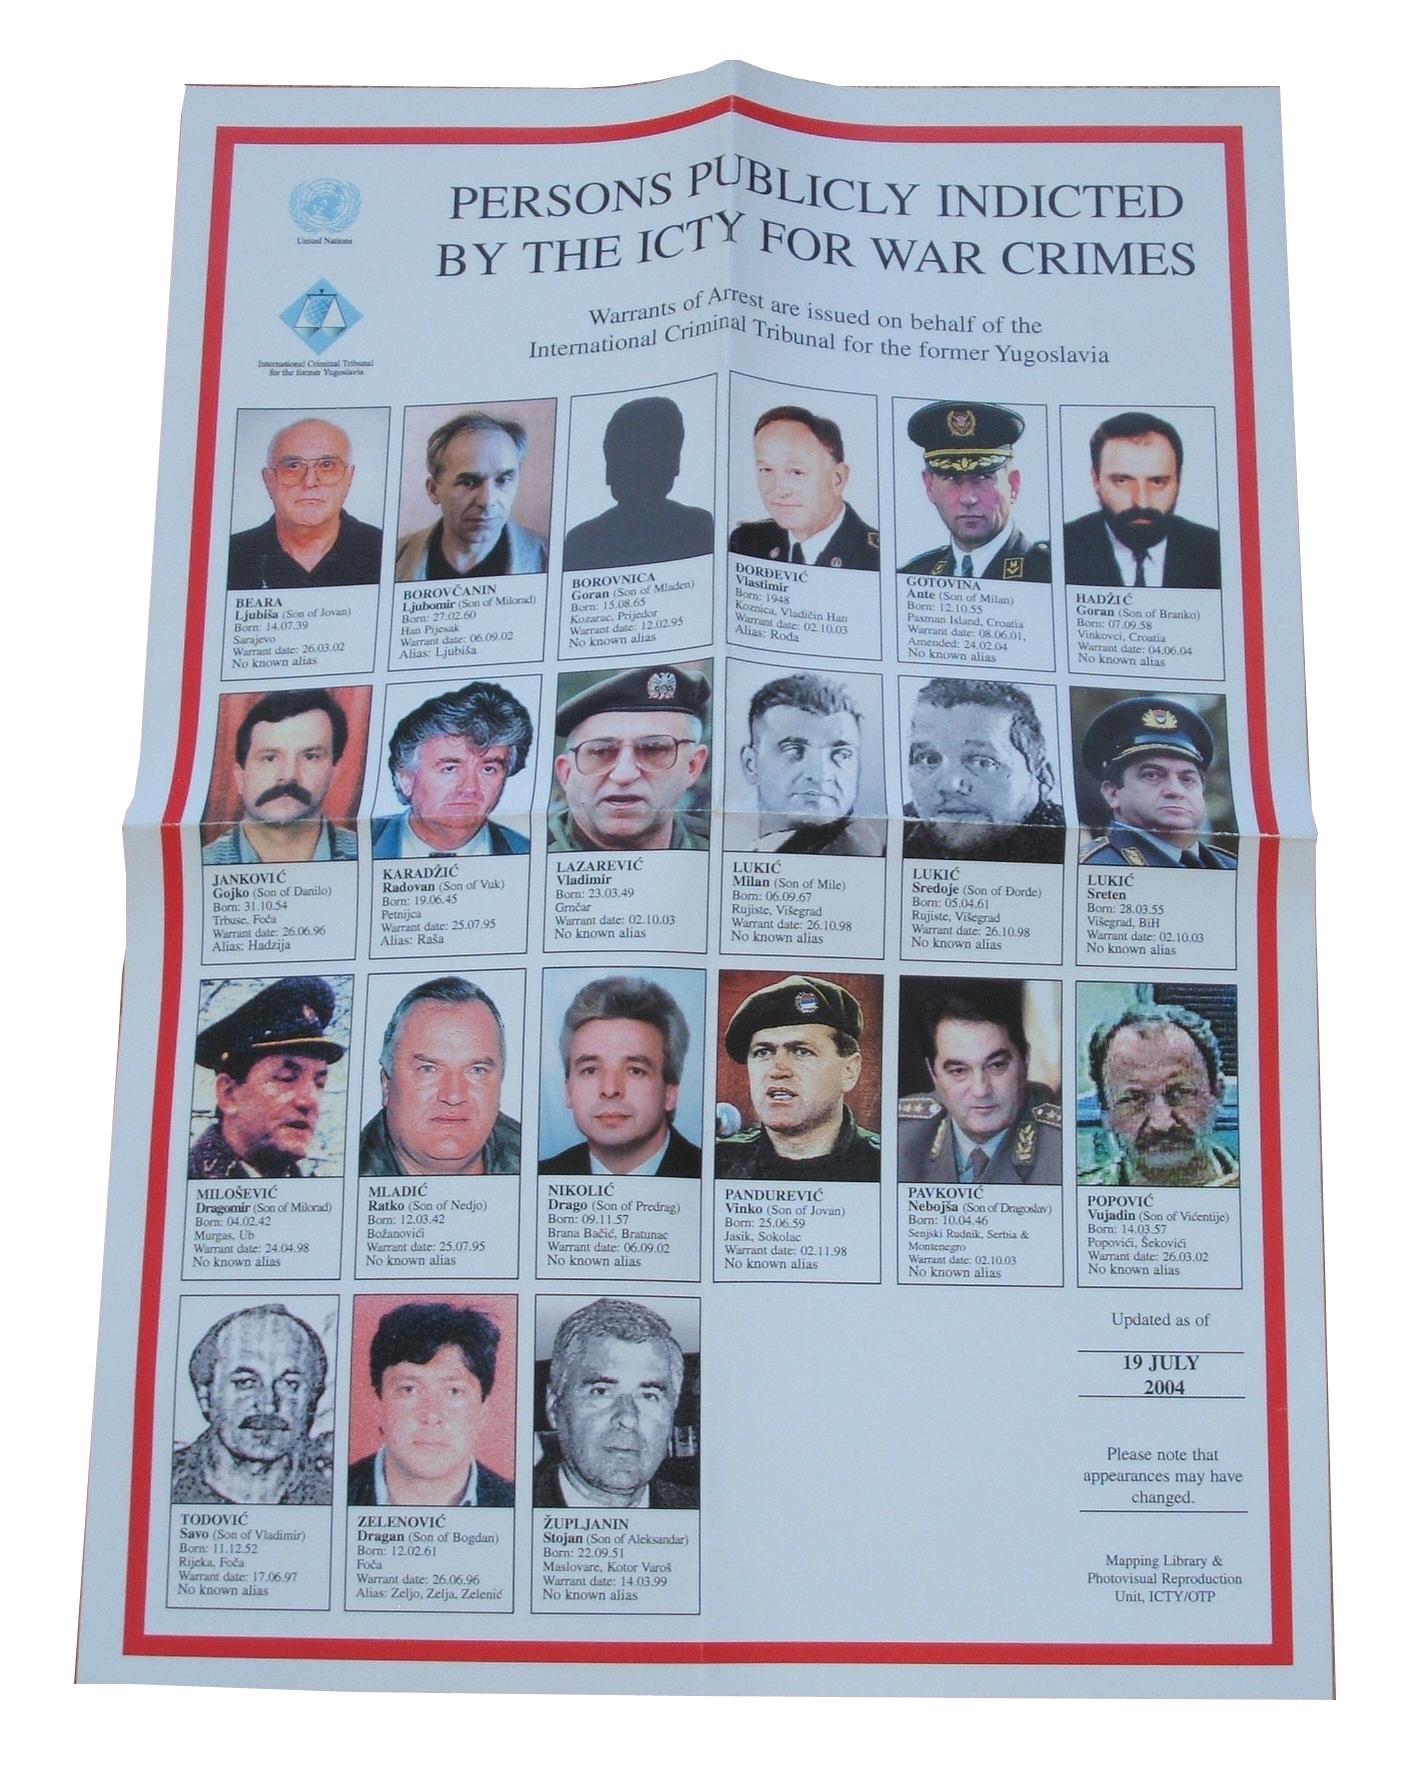 UN Criminal Tribunal Wanted Poster